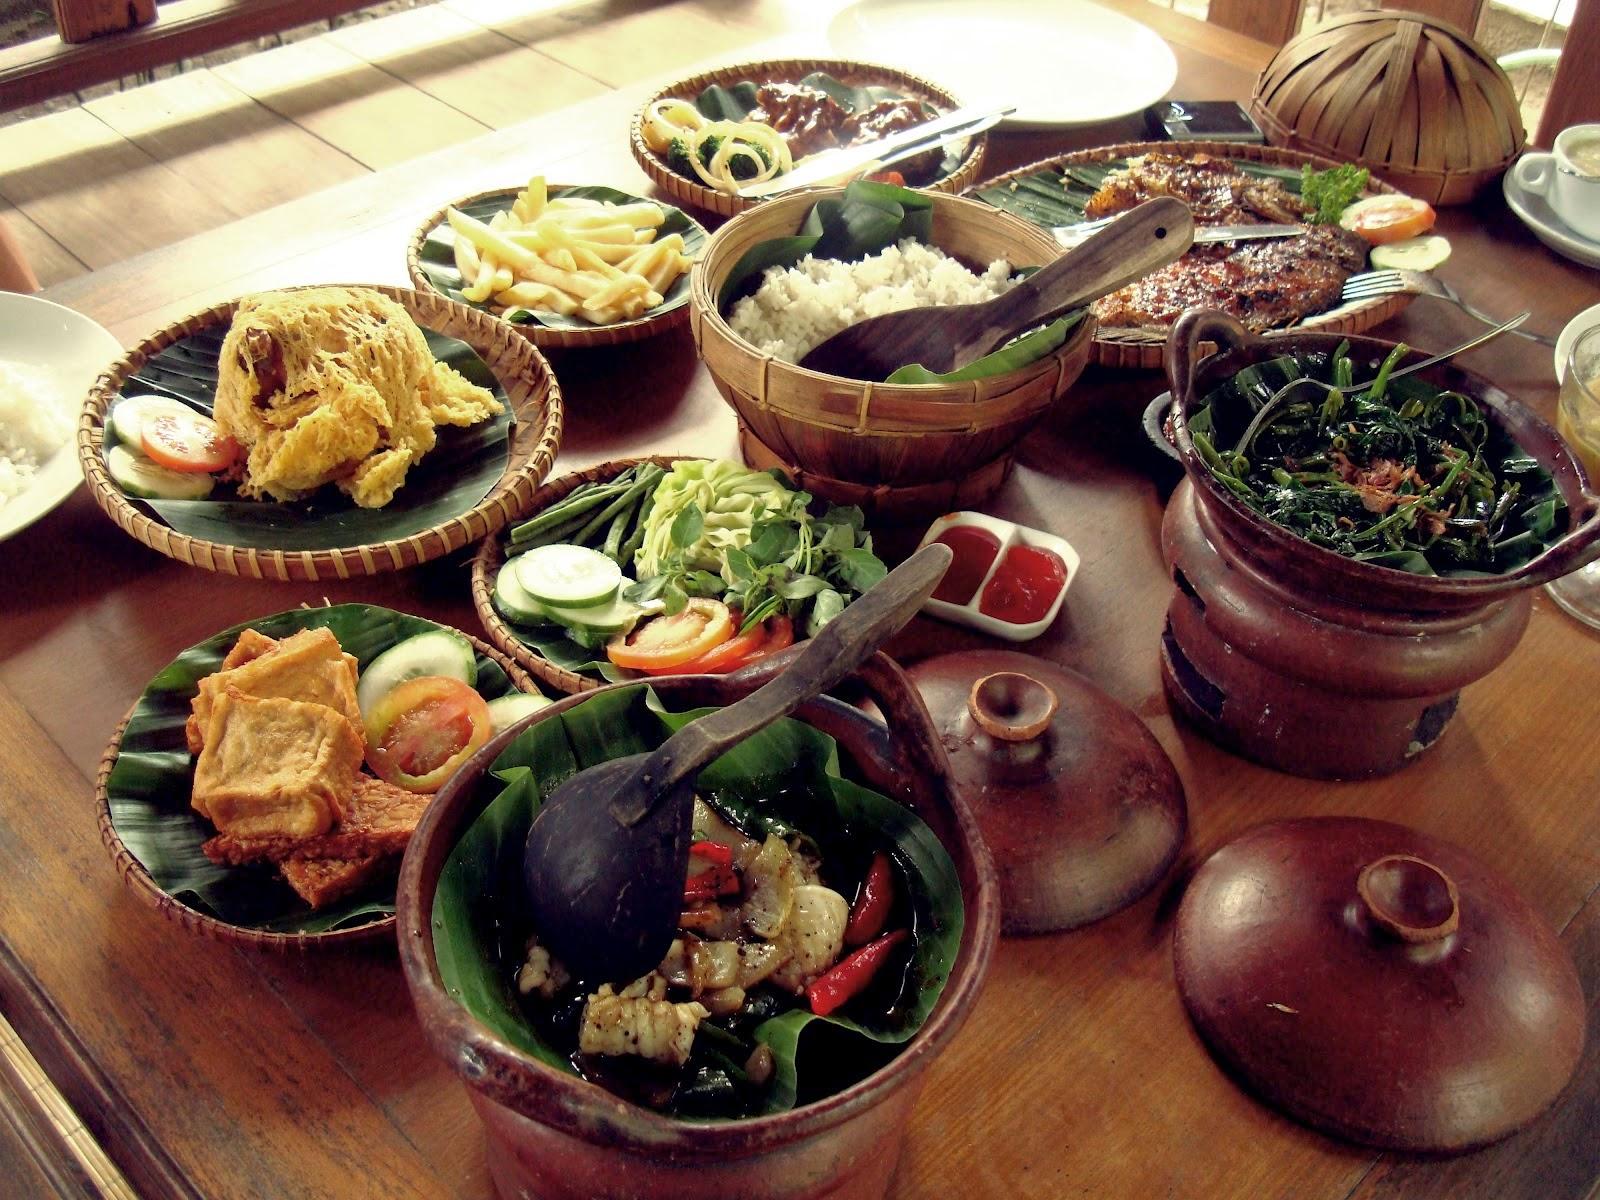 Daftar Tempat Jajan Makanan Enak Murah Di Jogja Informasi Goa